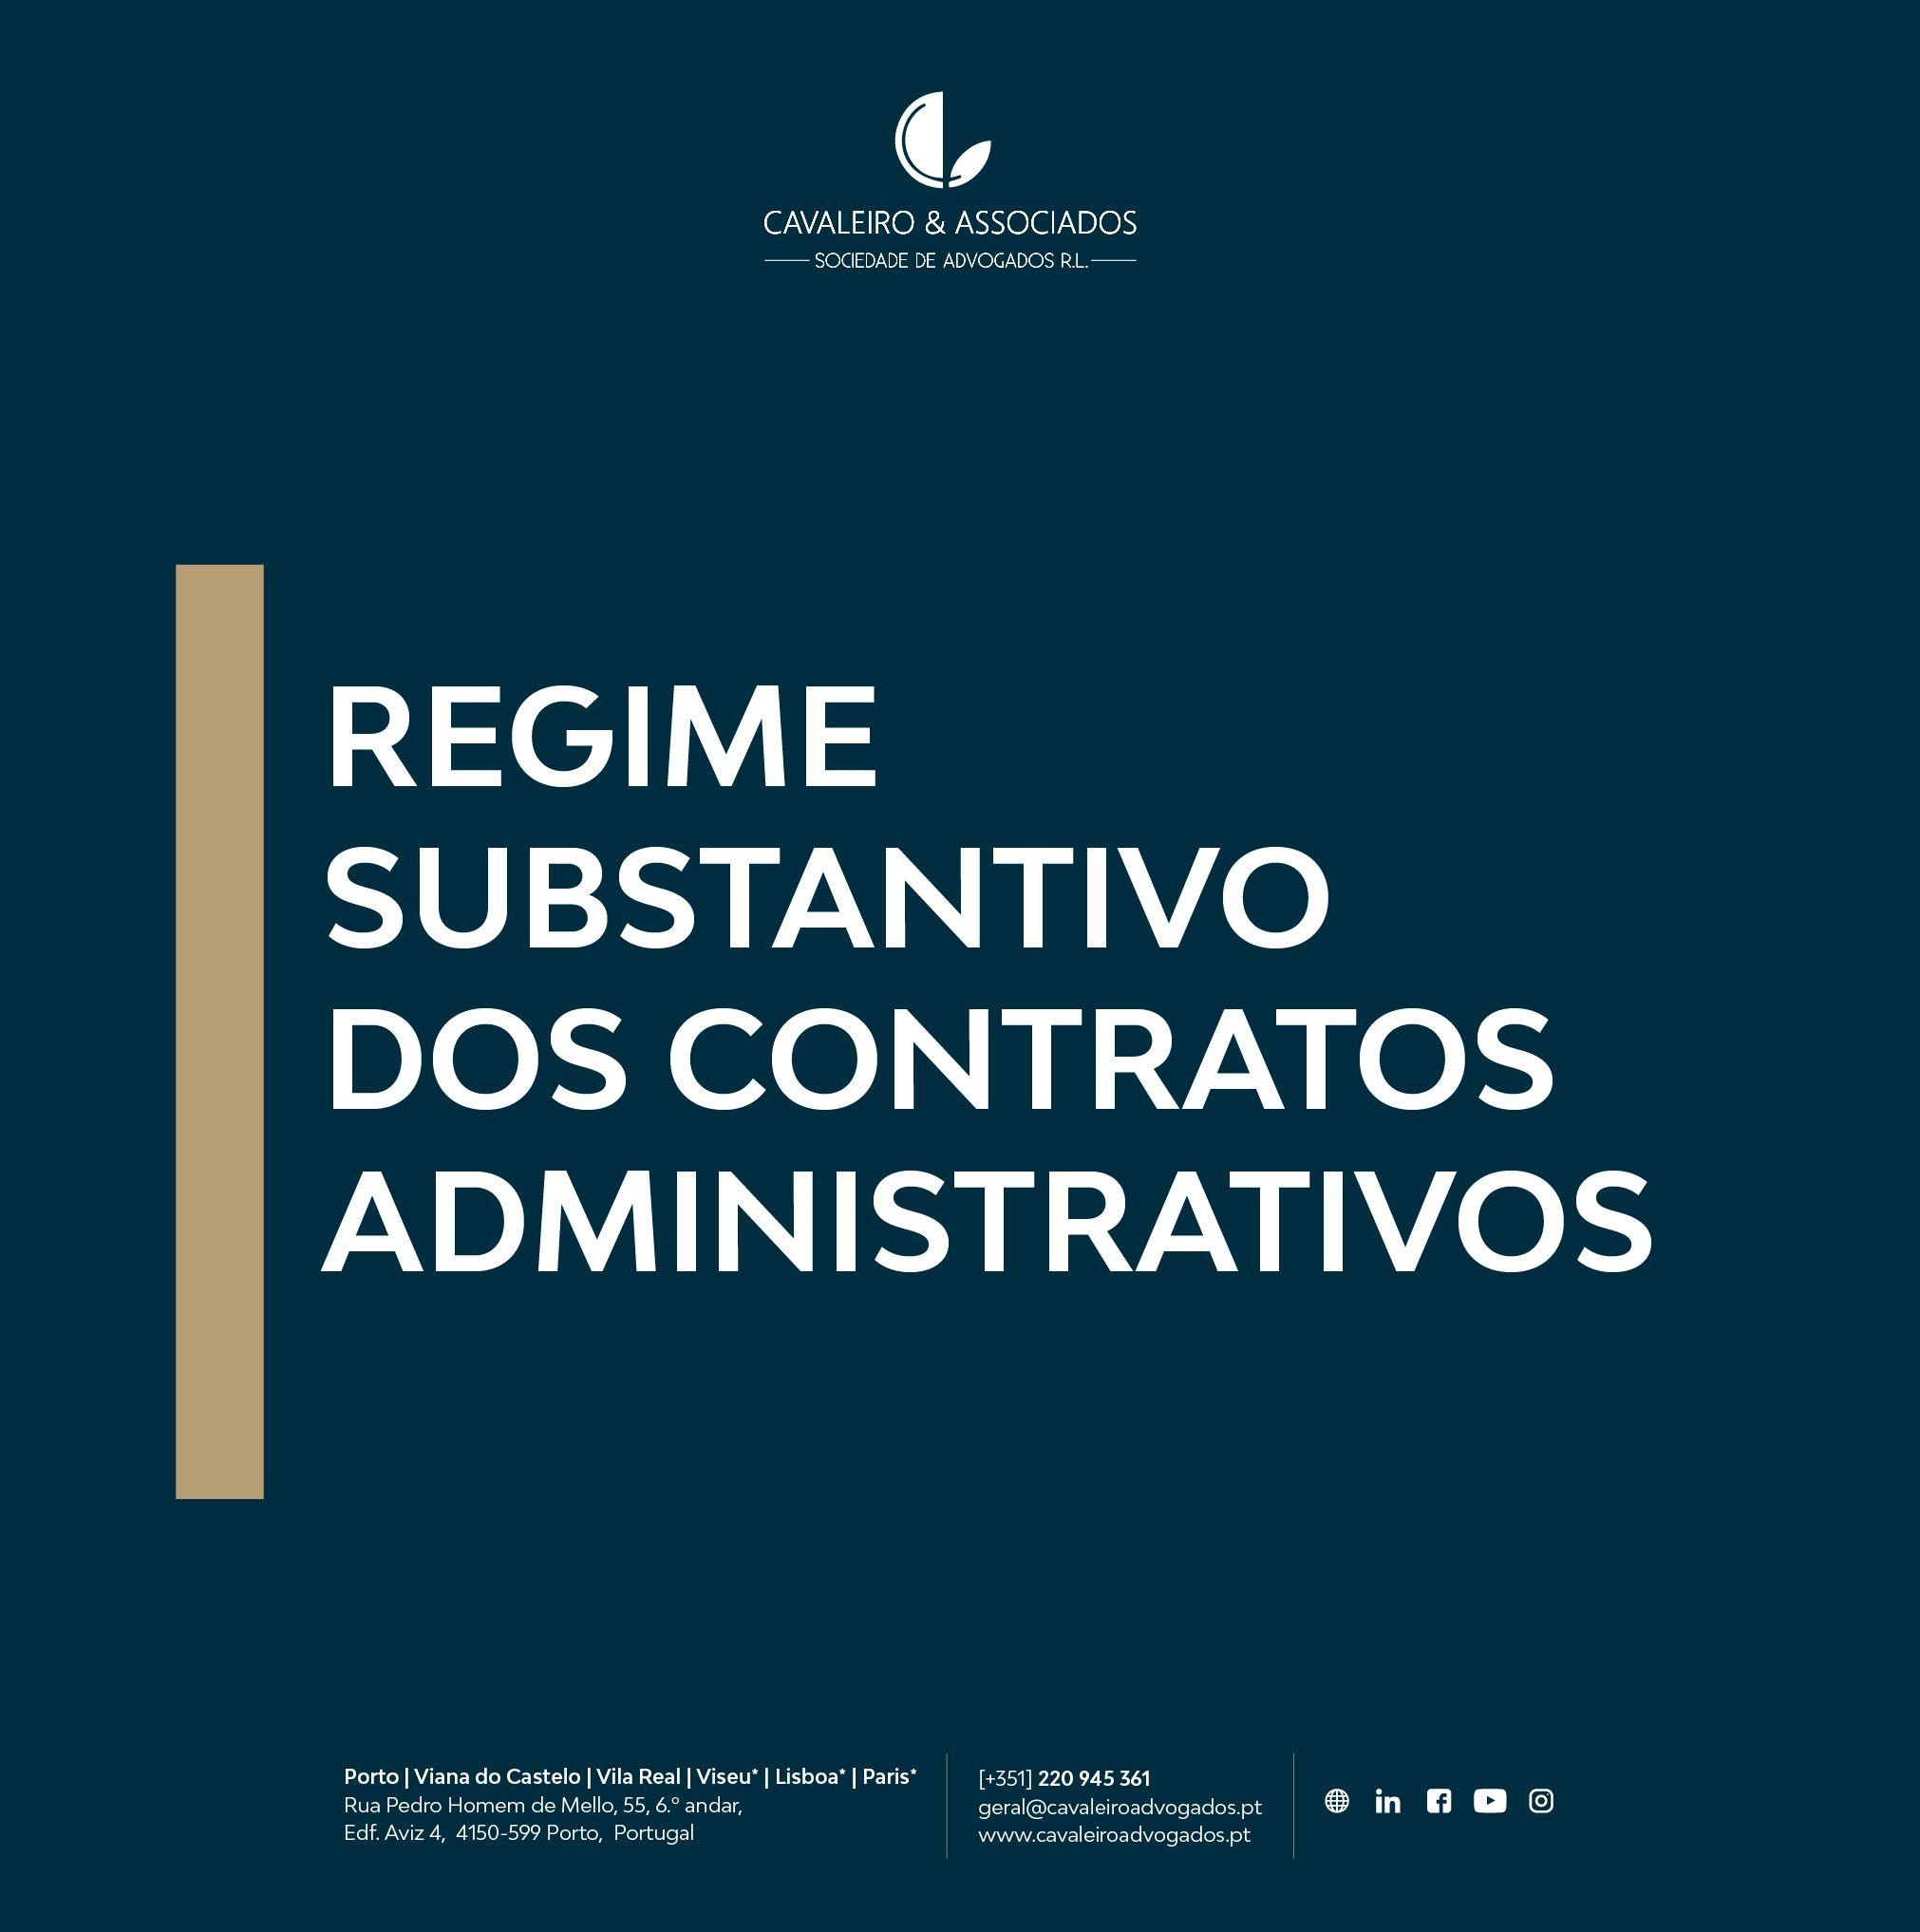 Regime Substantivo dos Contratos Administrativos